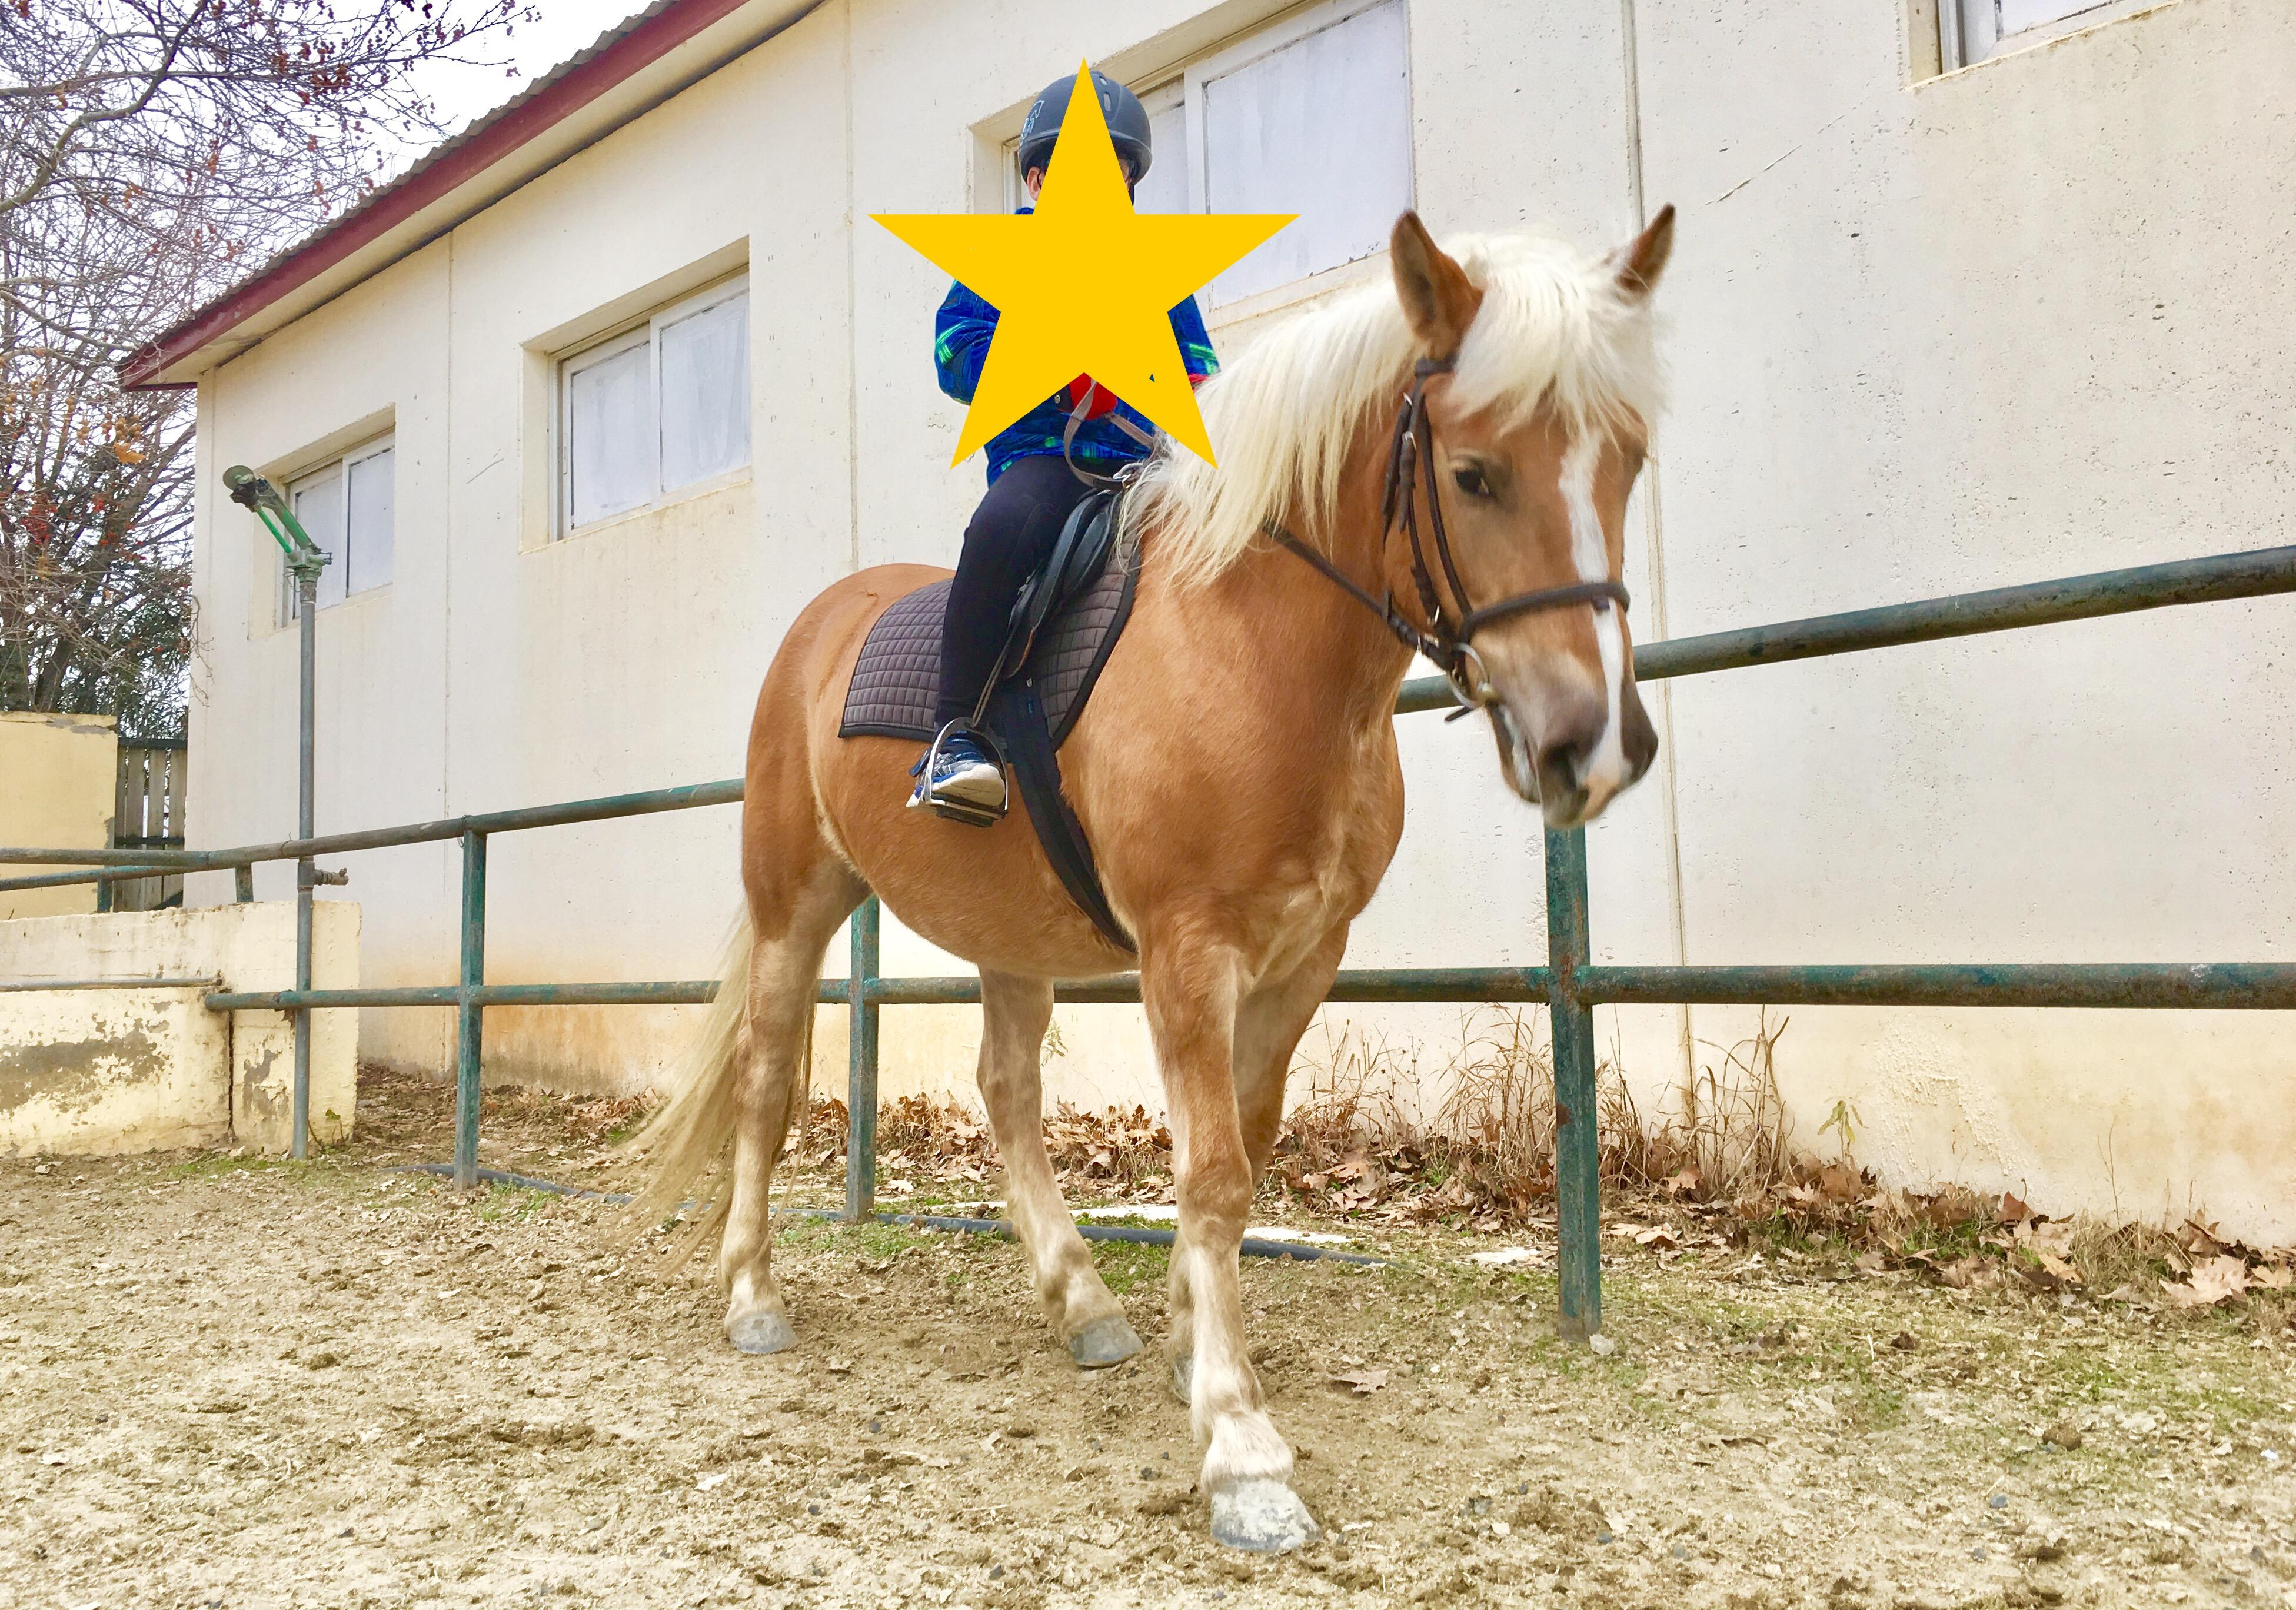 Η Ιππική δεξιοτεχνία κι η θέση της στην θεραπεία με άλογα.